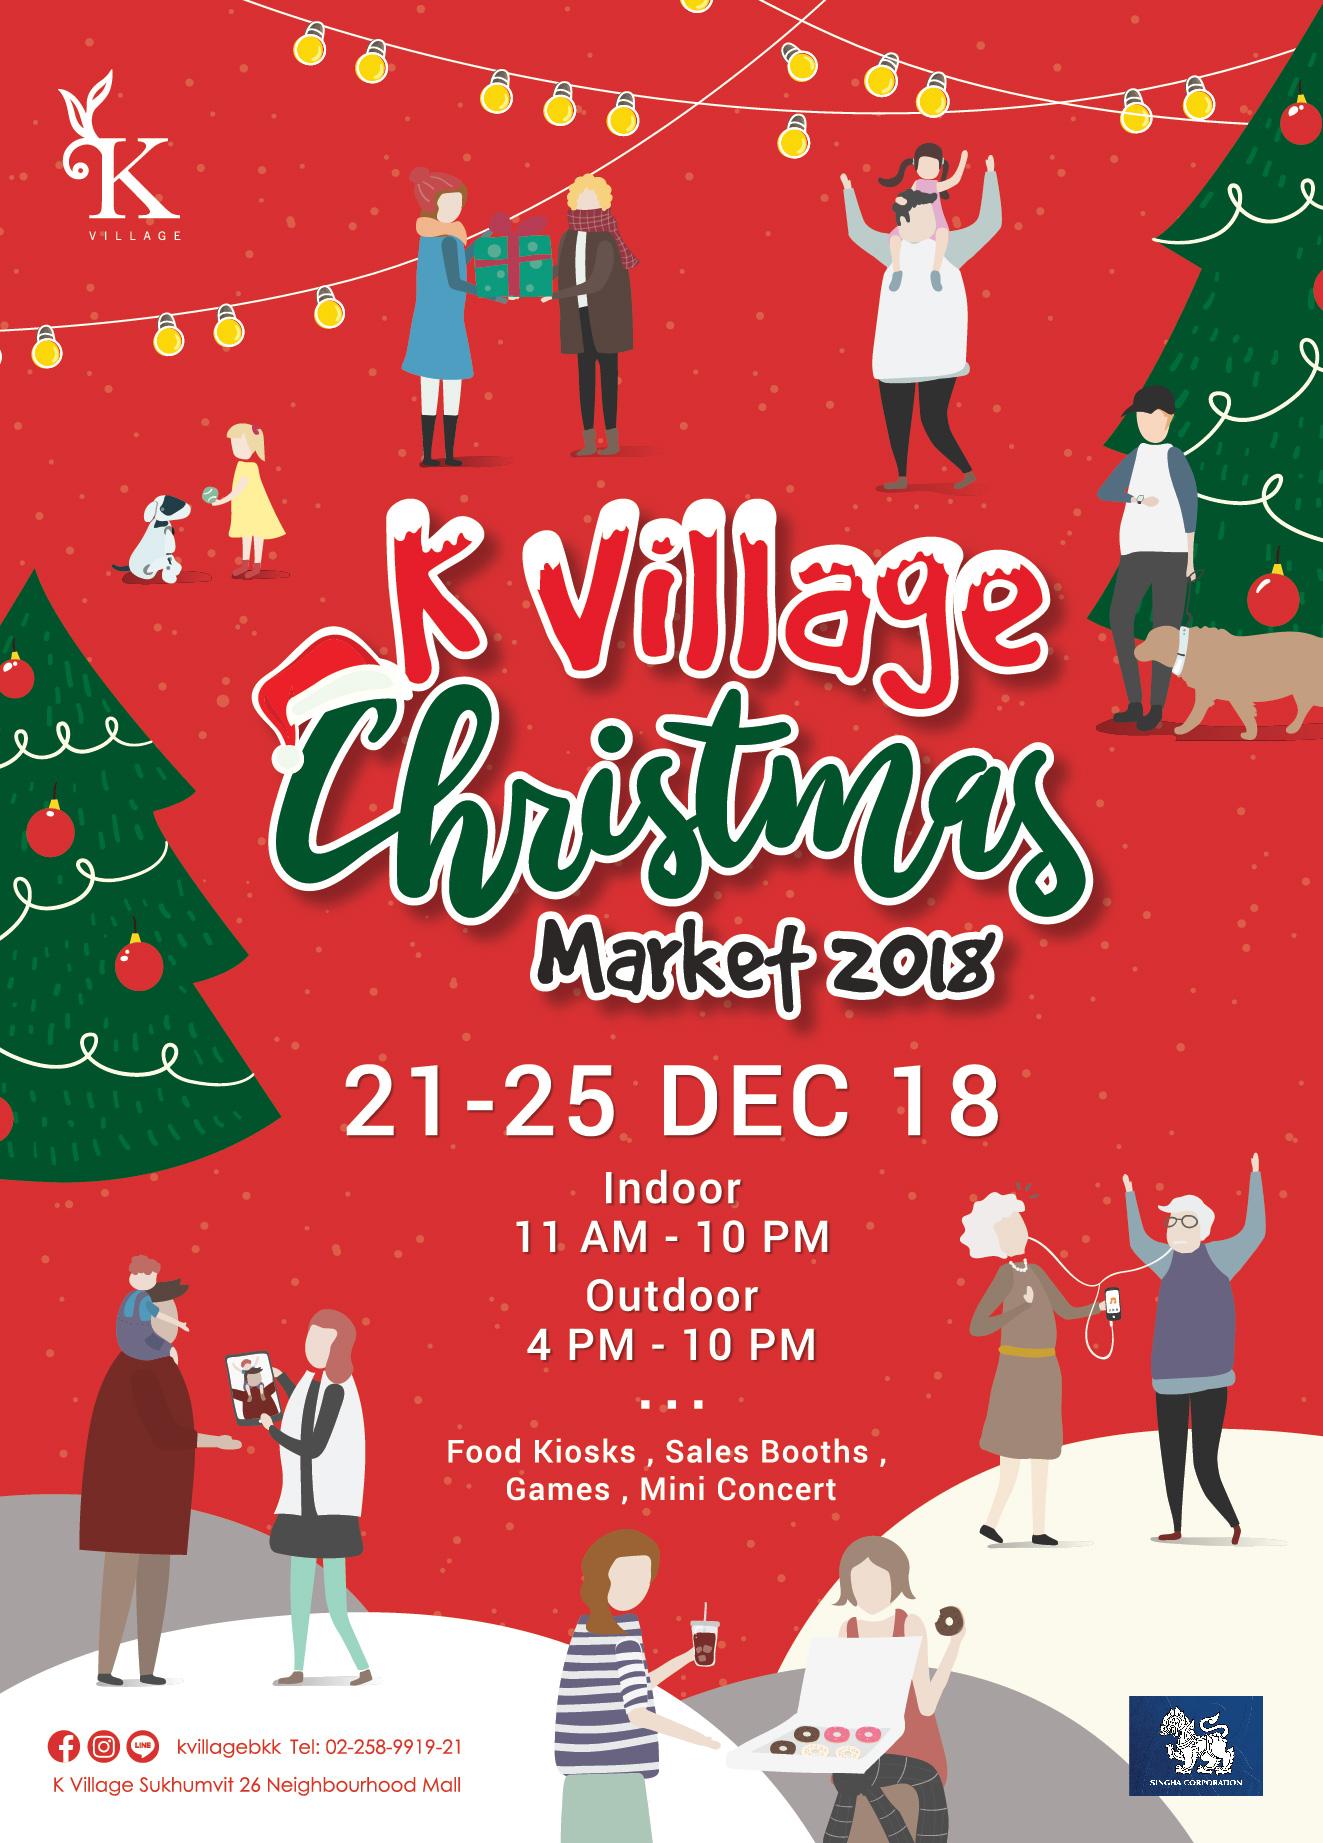 K Village Christmas Market 2018 ช้อป ชิม ชิลล์ส่งท้ายปี พบกับสินค้า กิจกรรมสุดสนุก และโชว์ดี ๆ ที่คุณไม่ควรพลาด 13 -